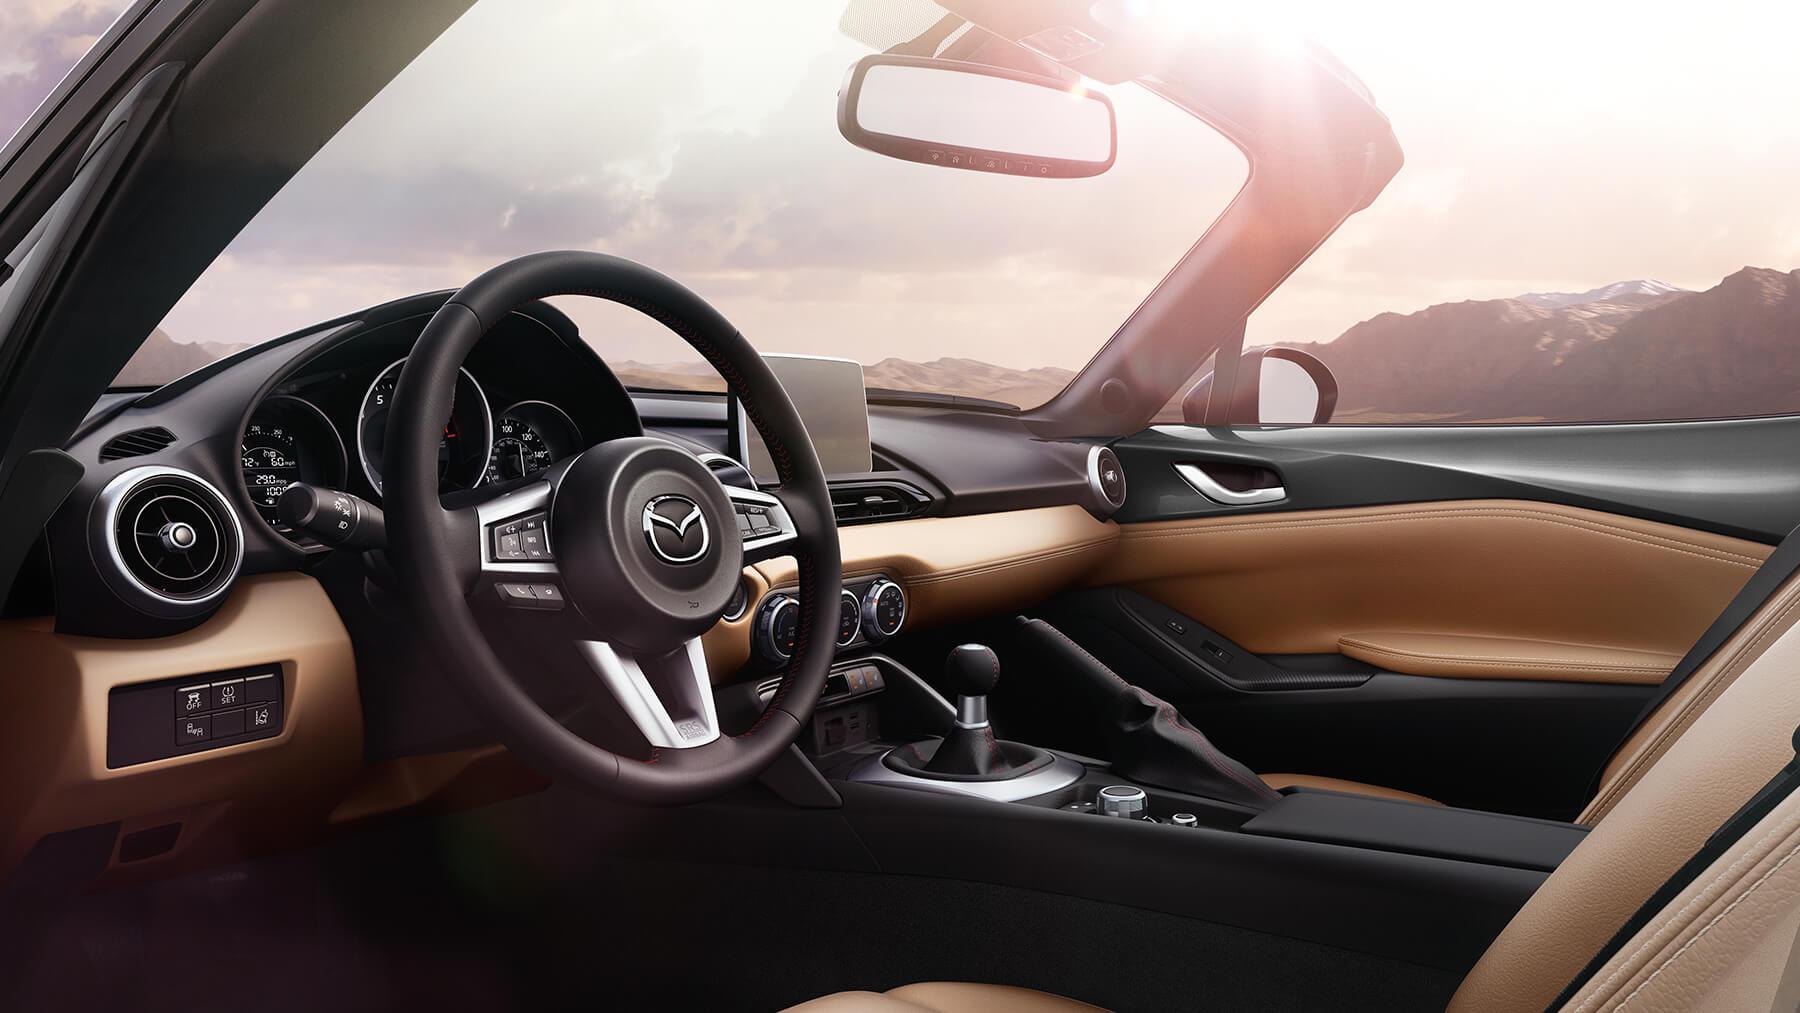 2016 Mazda Mx 5 Miata Side Interior